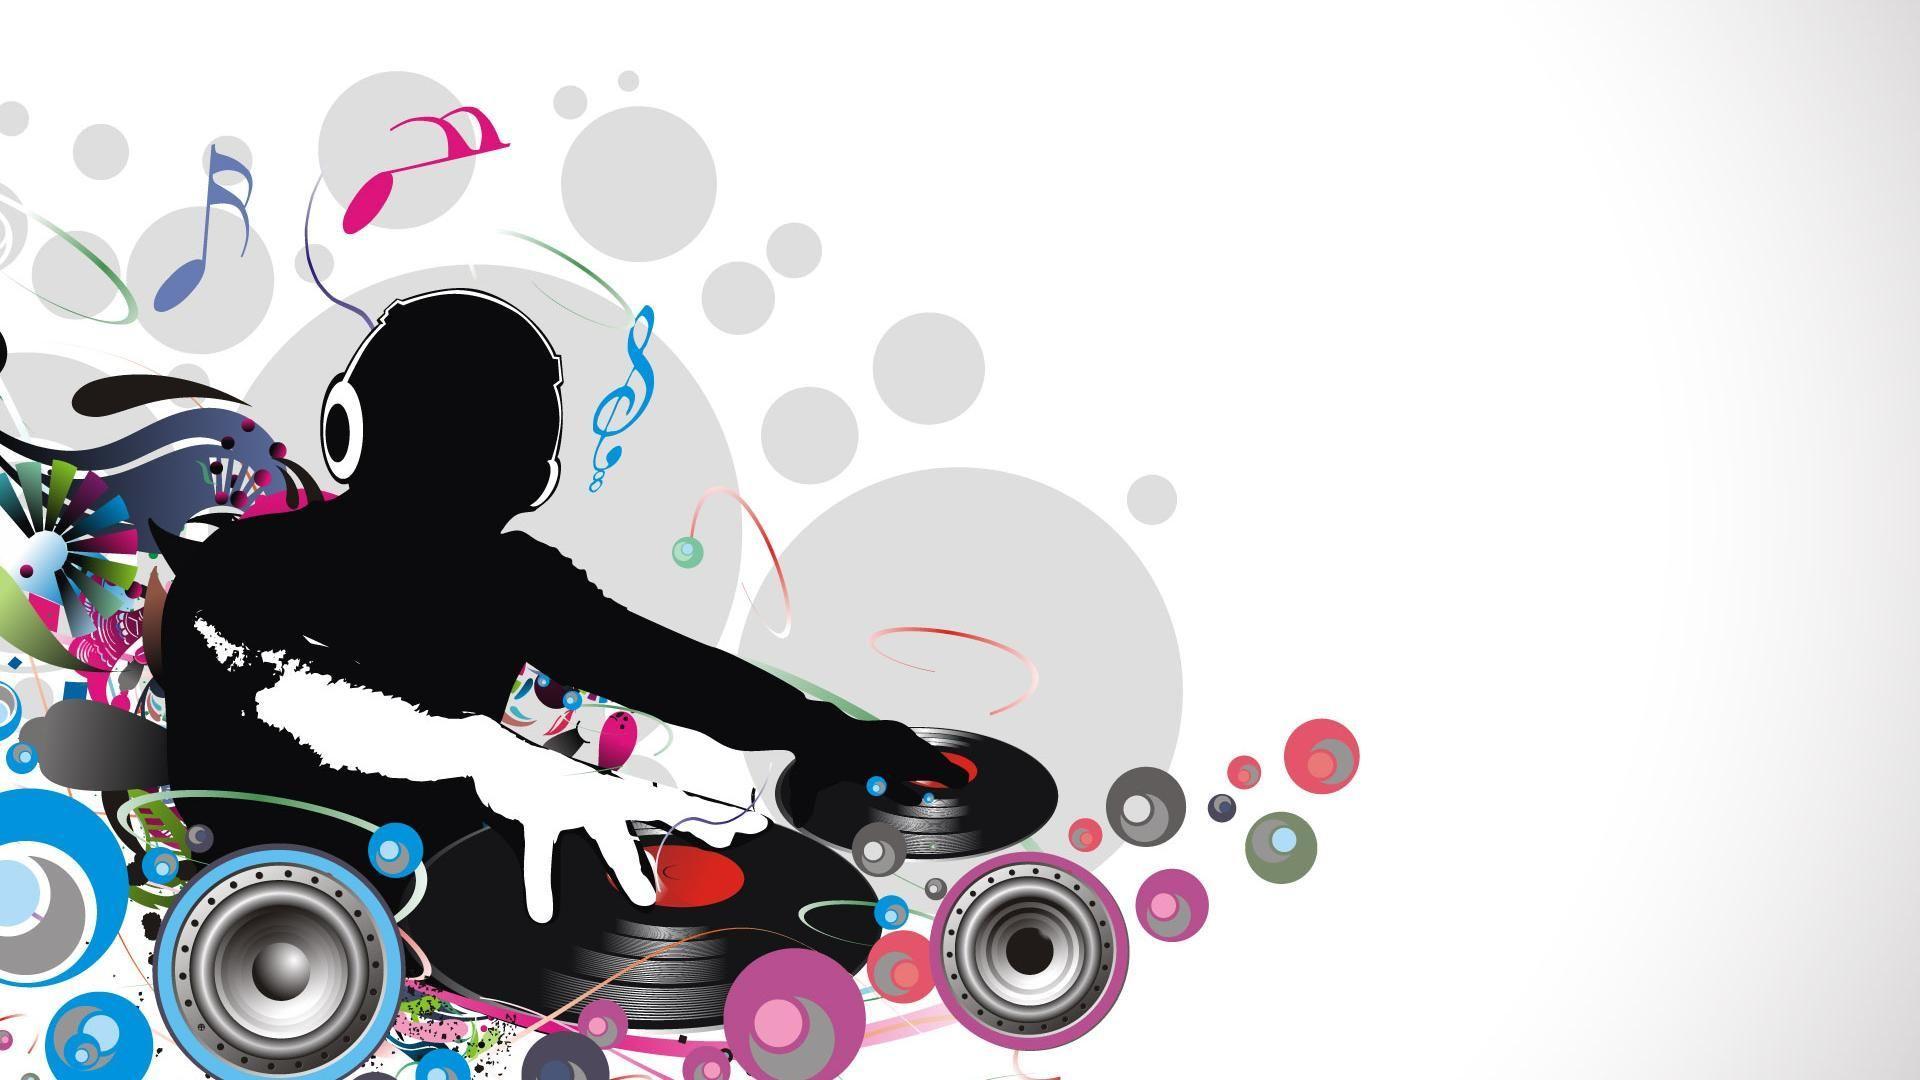 HD DJ Desktop Wallpapers